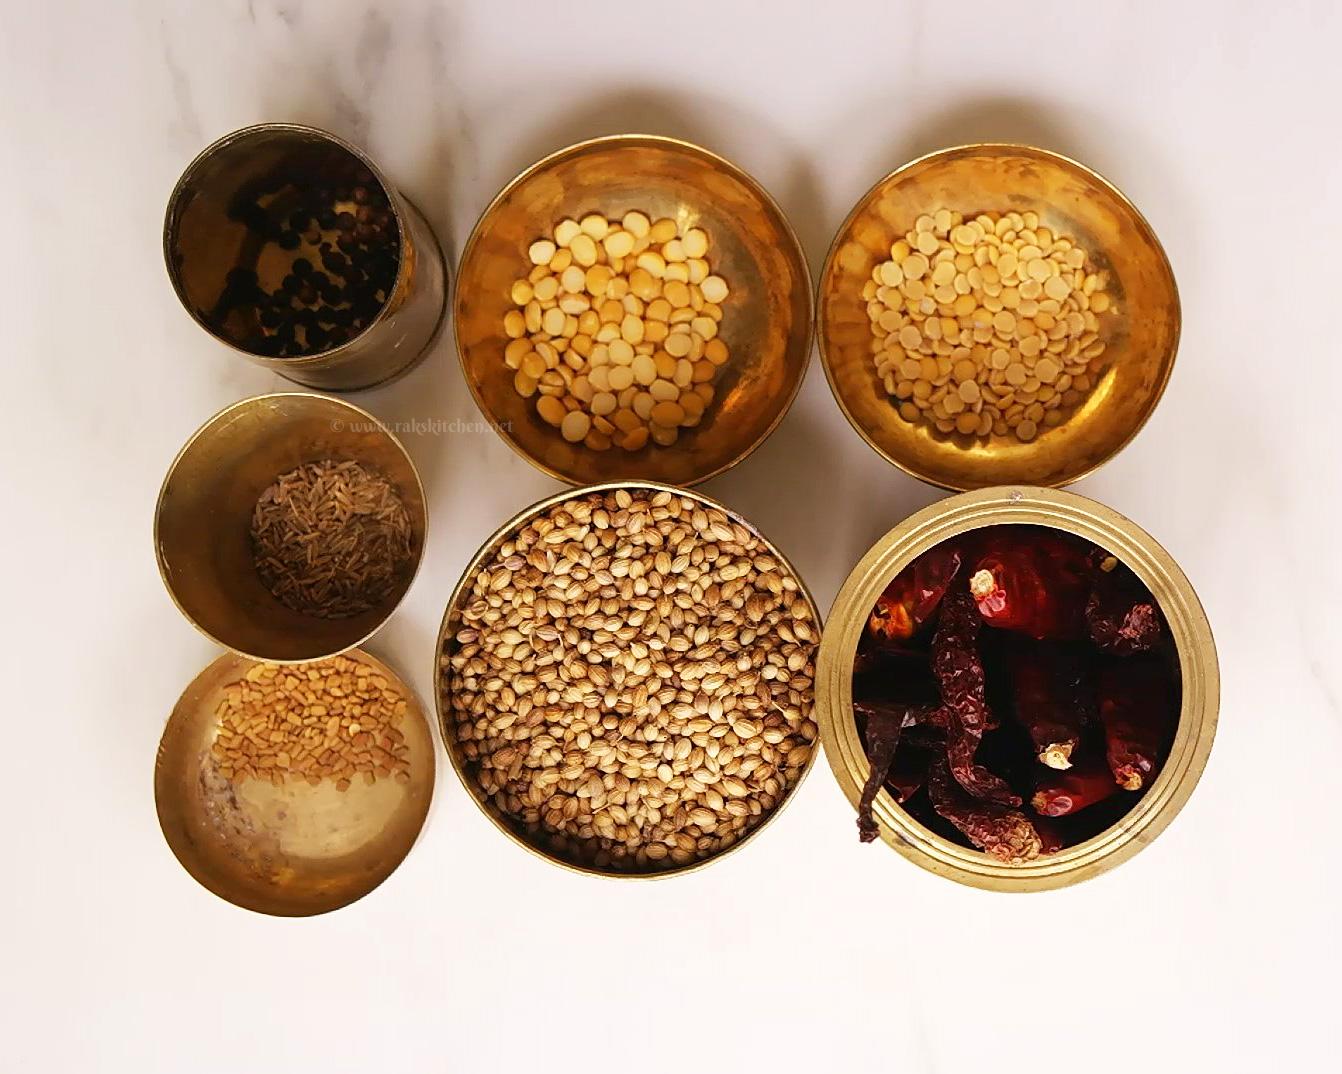 ingredientes de sambar podi